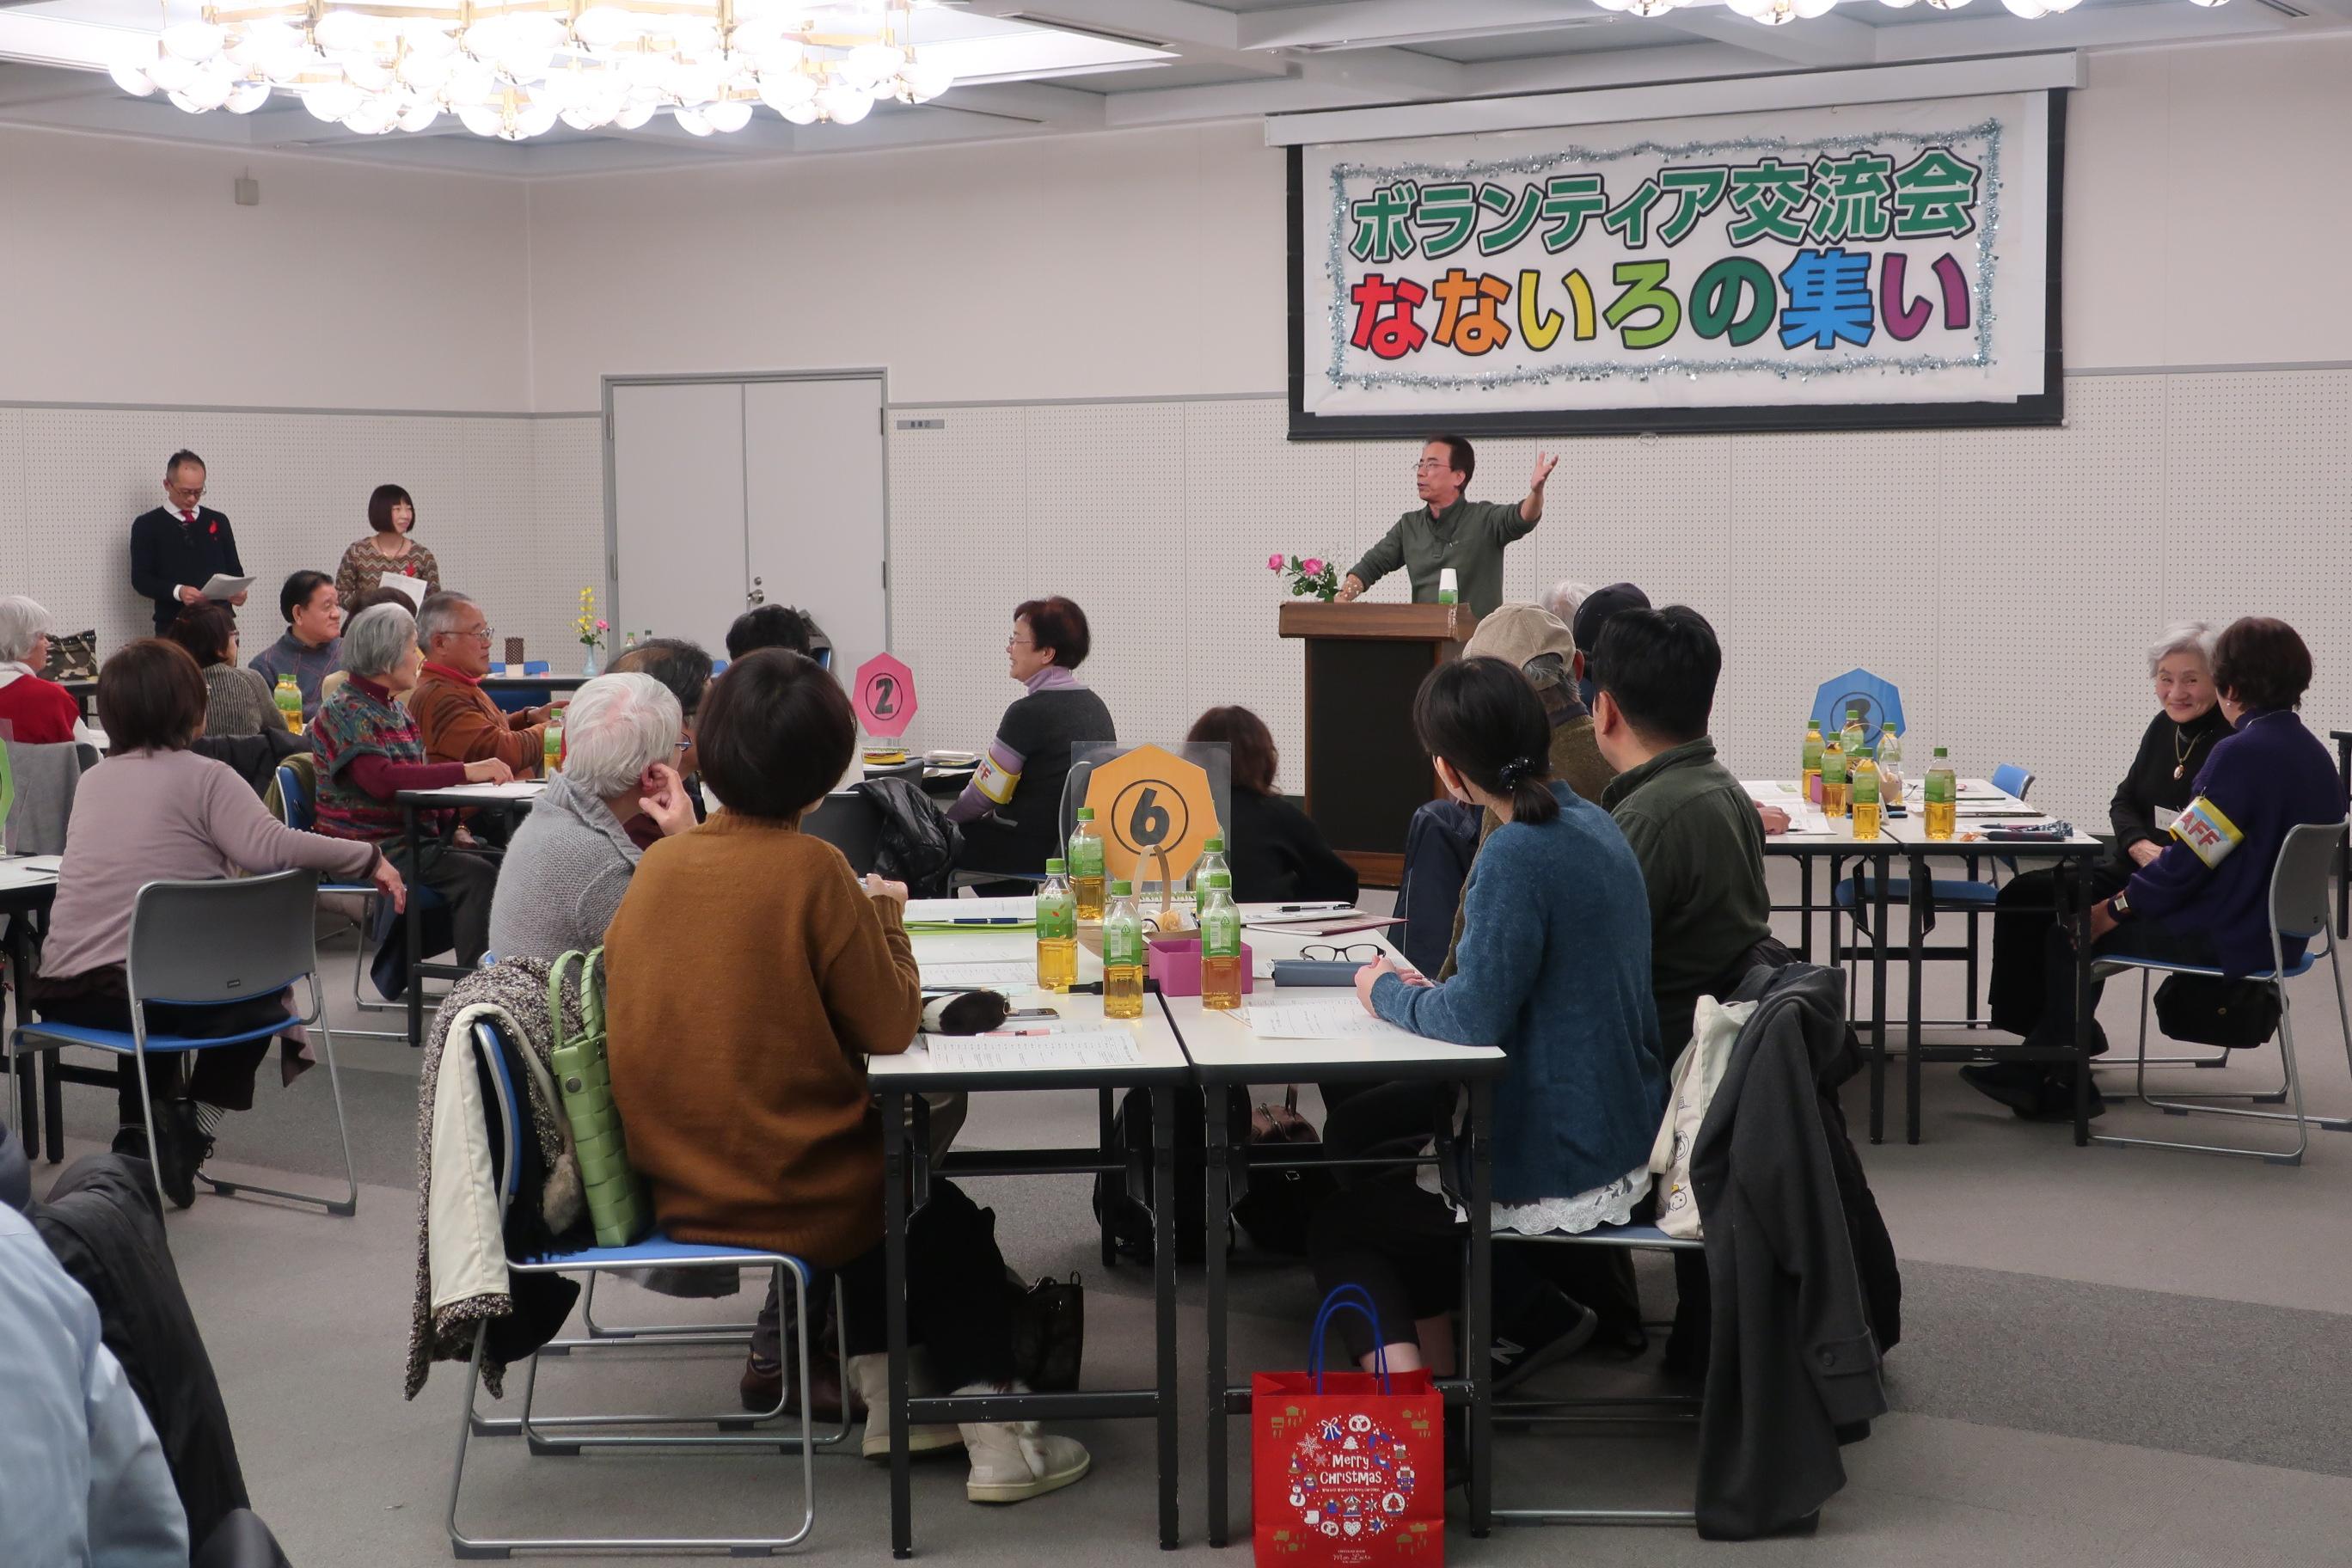 記事 なないろの集い ボランティア交流会 〜笑って学ぼう!〜のアイキャッチ画像